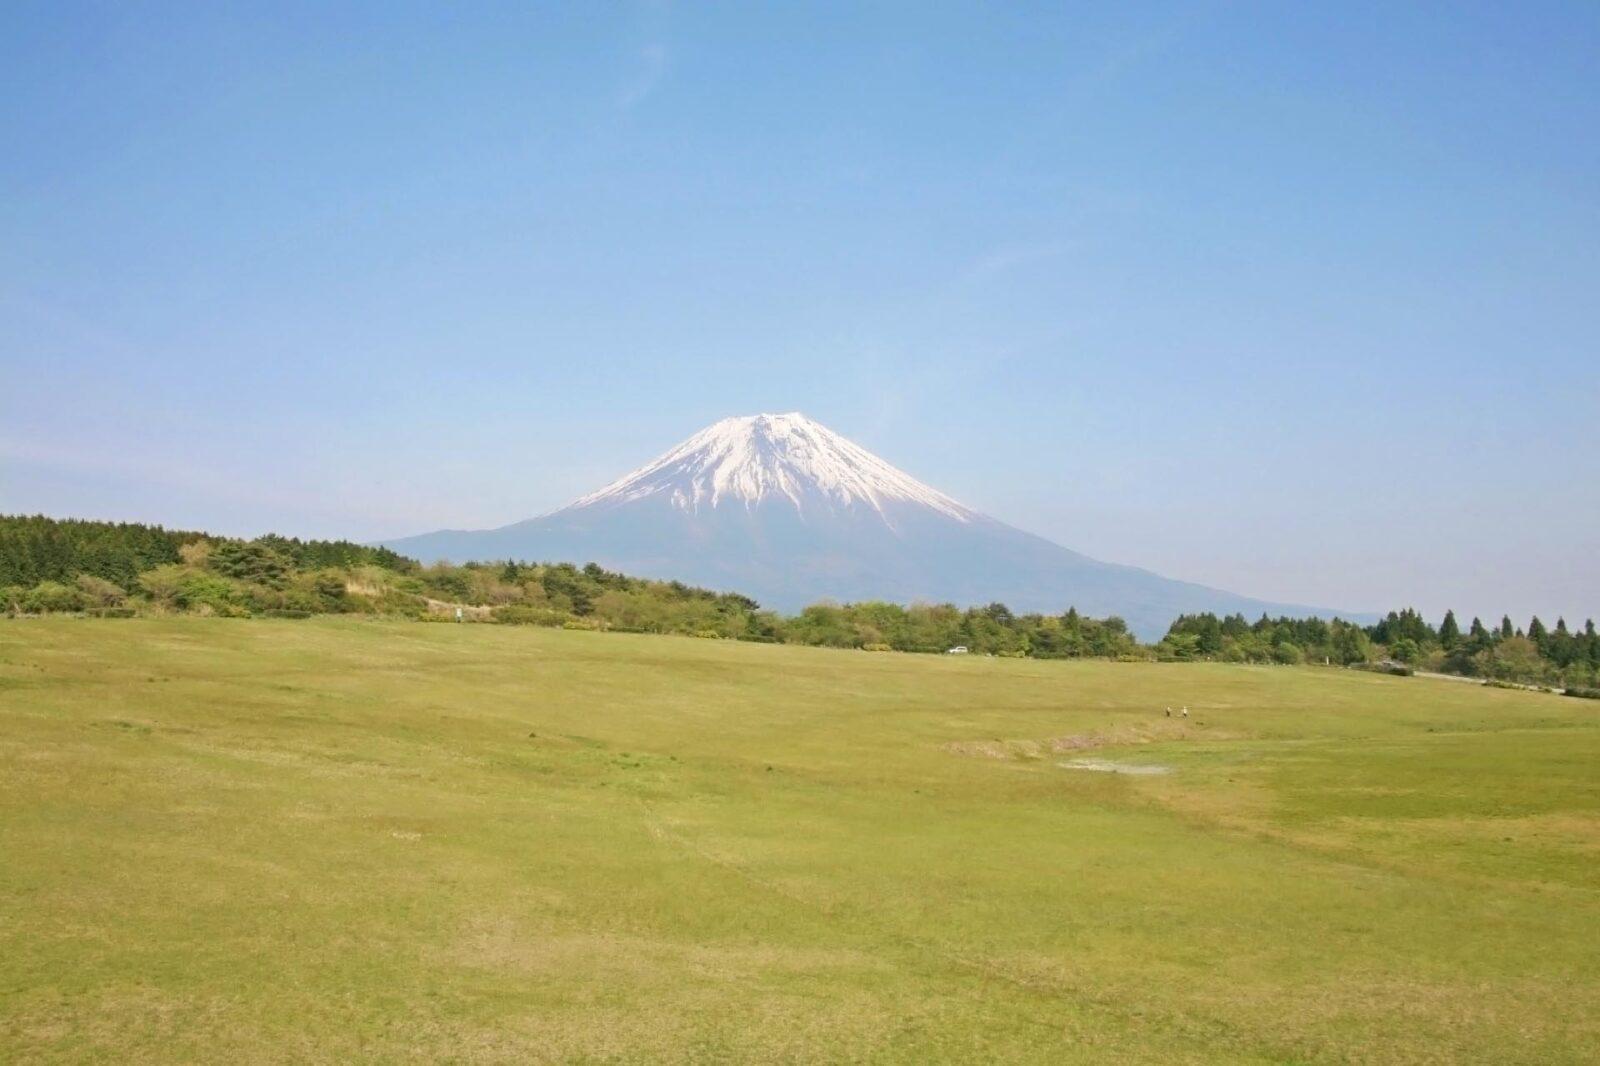 初夏の富士山 朝霧高原